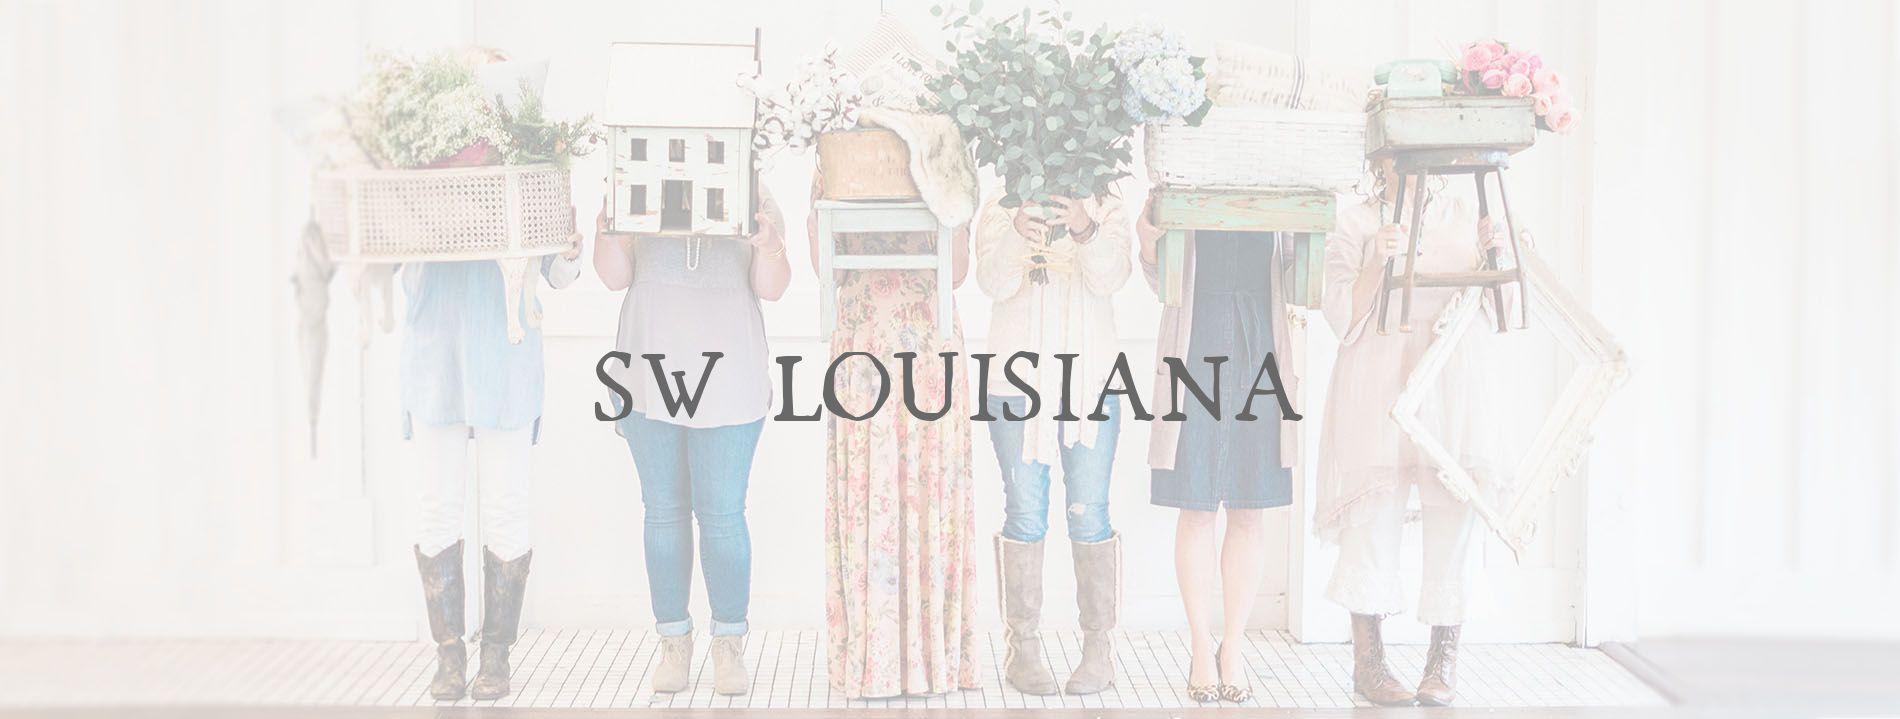 SW Louisiana